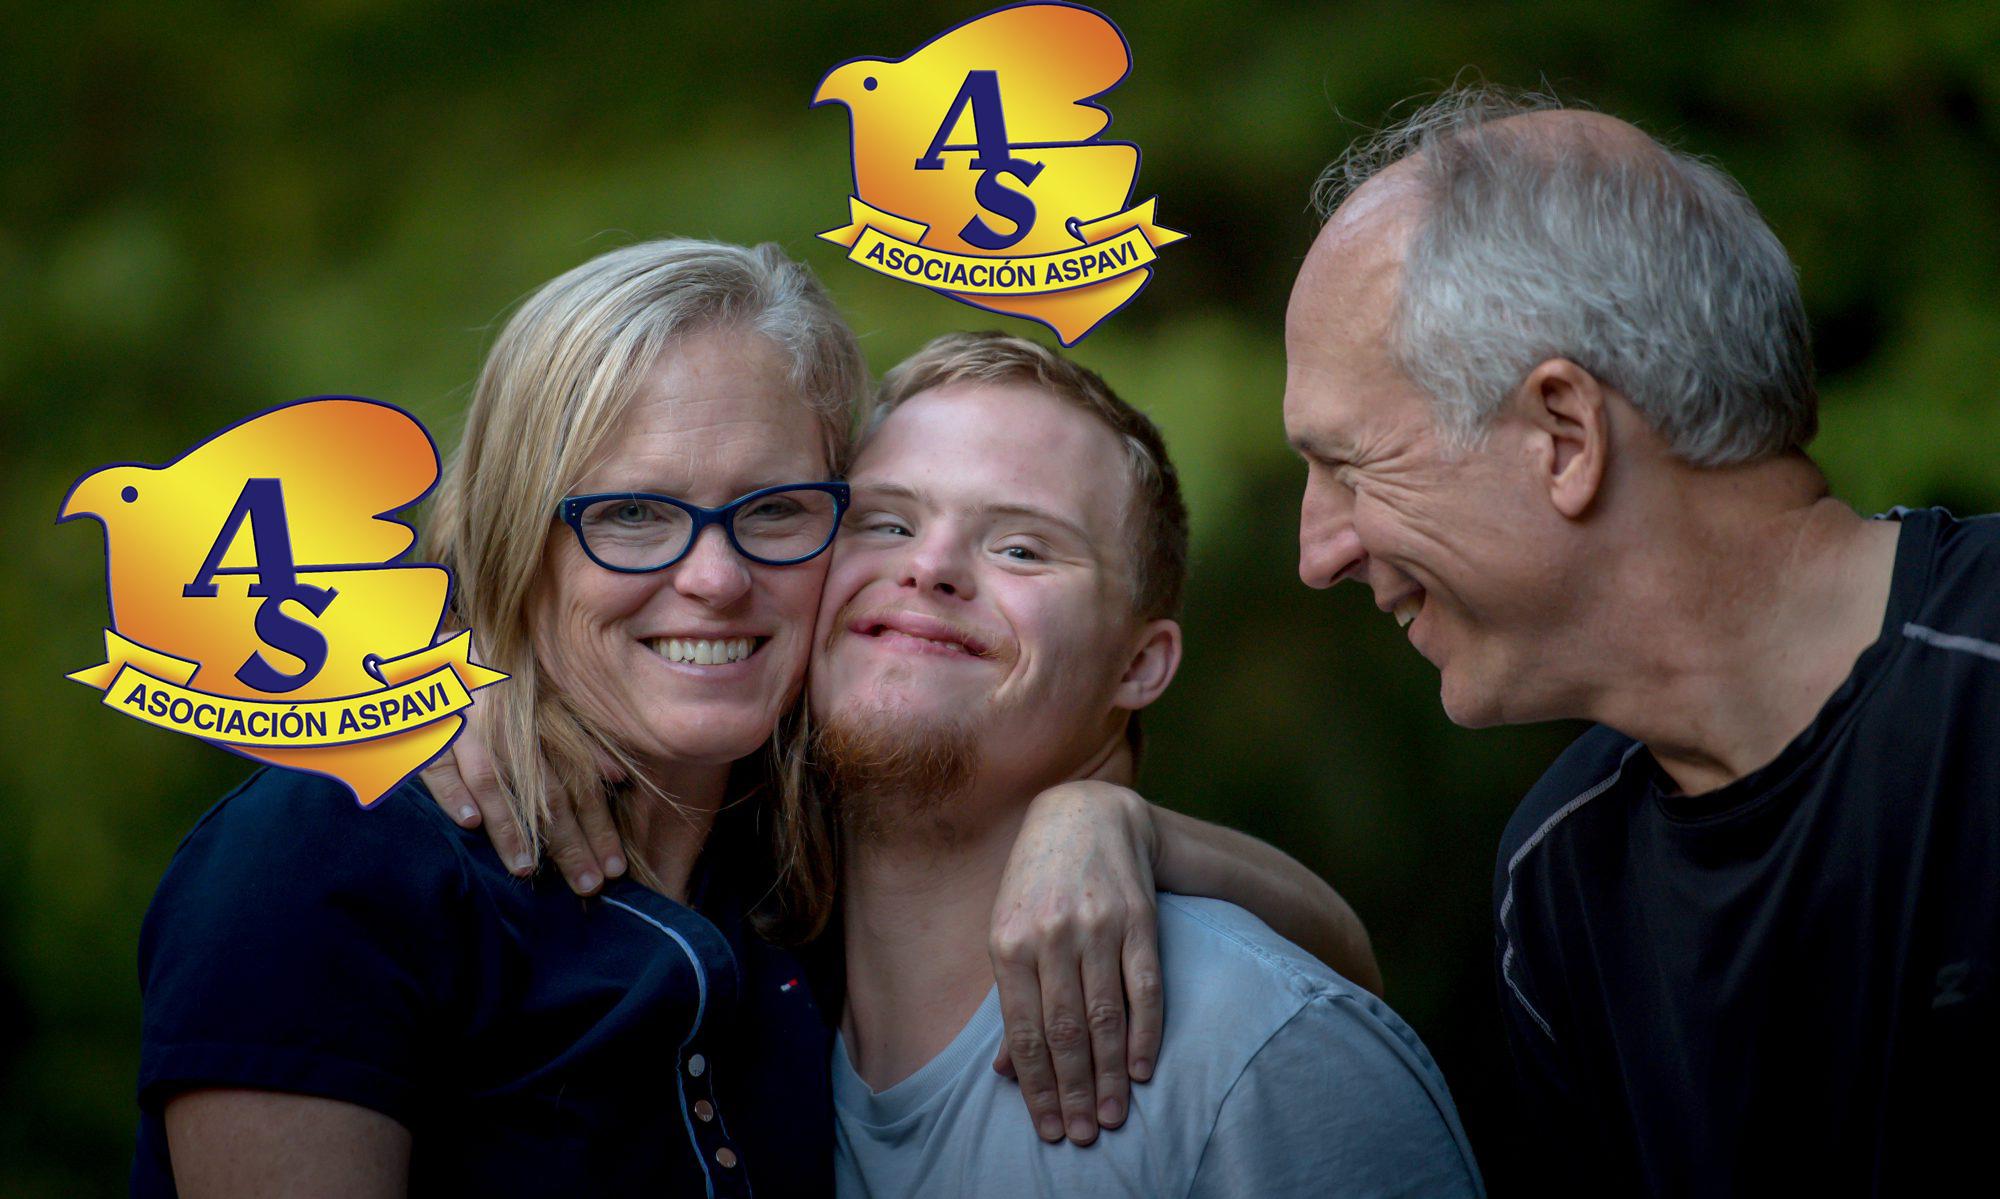 ASPAVI - Asociación de padres de discapacitados de Vigo